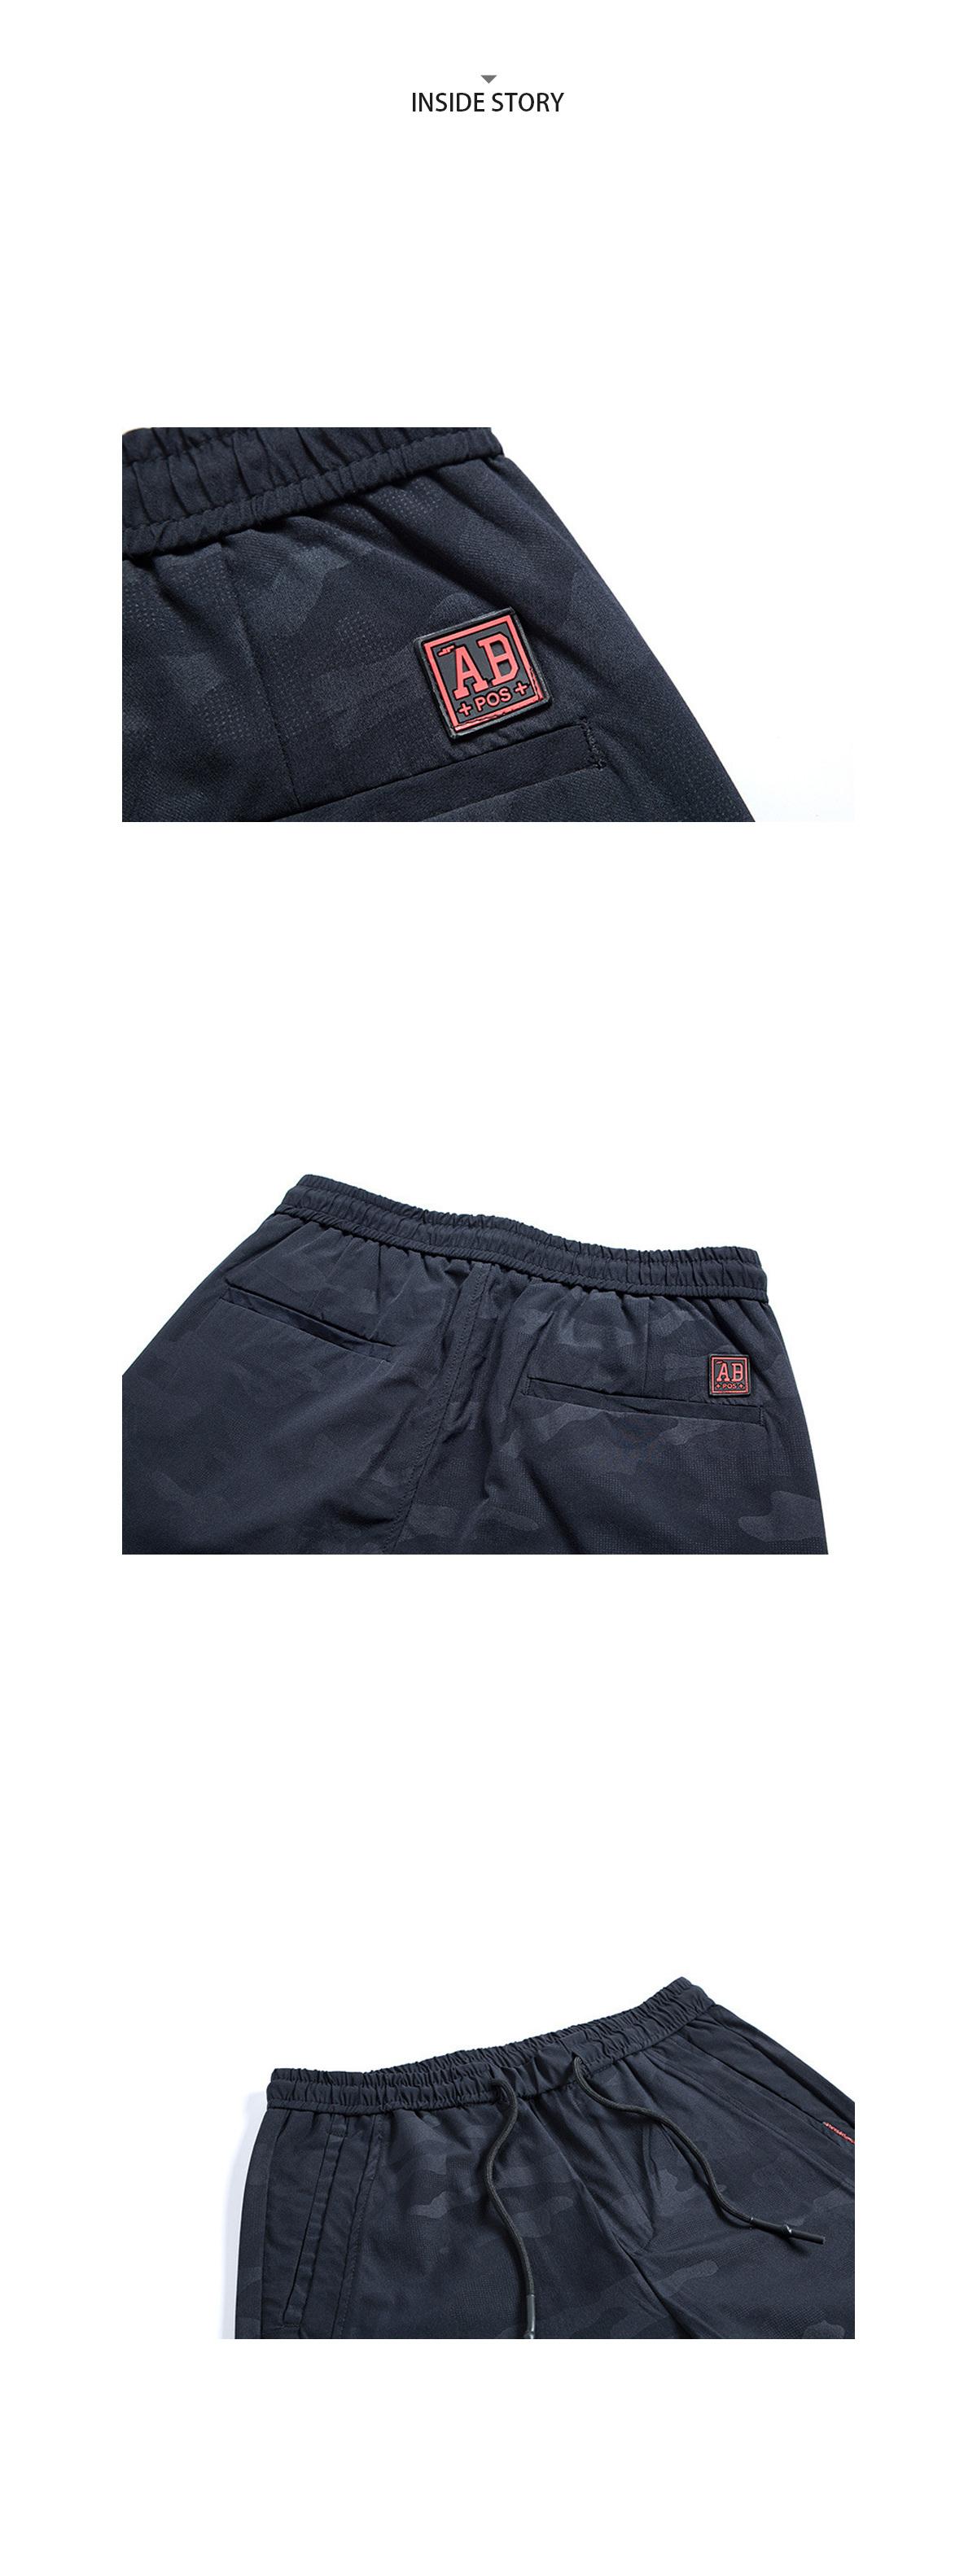 速乾機能 暗紋迷彩修身縮口褲